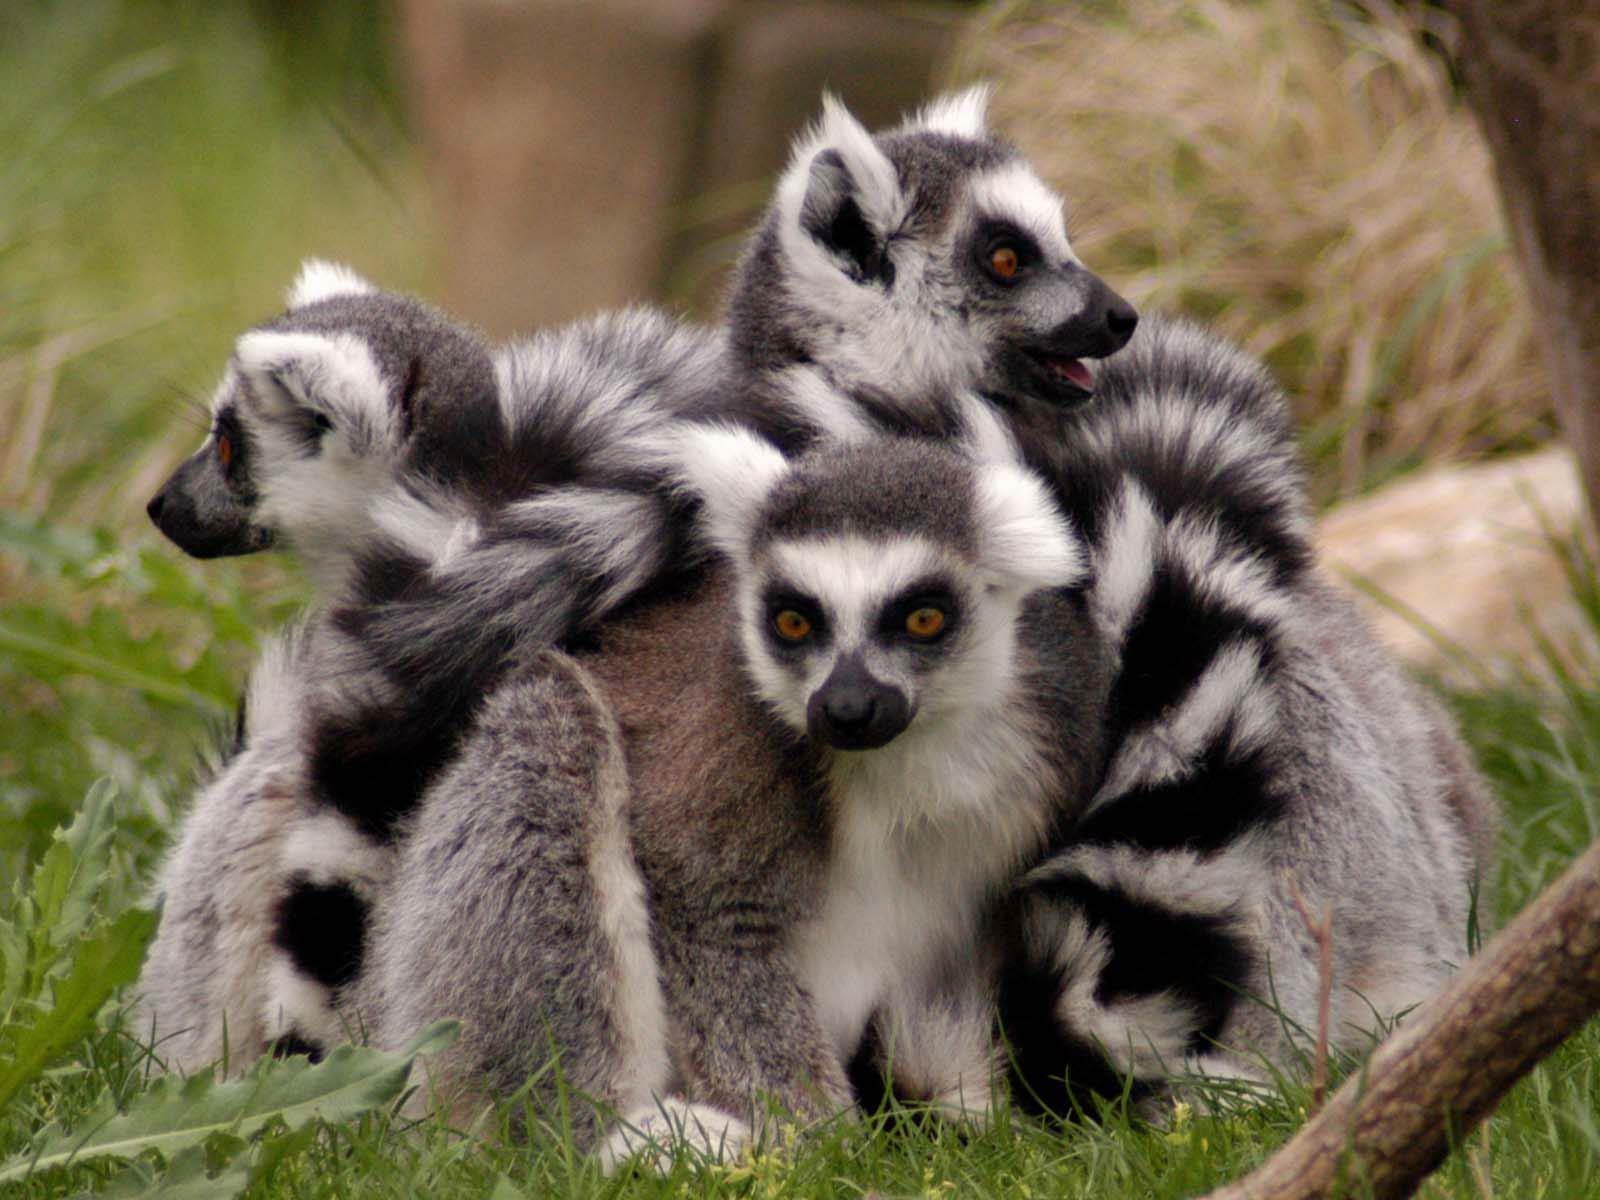 Good Lemur Wallpaper - lemur-wallpaper-6  You Should Have_5715.jpg